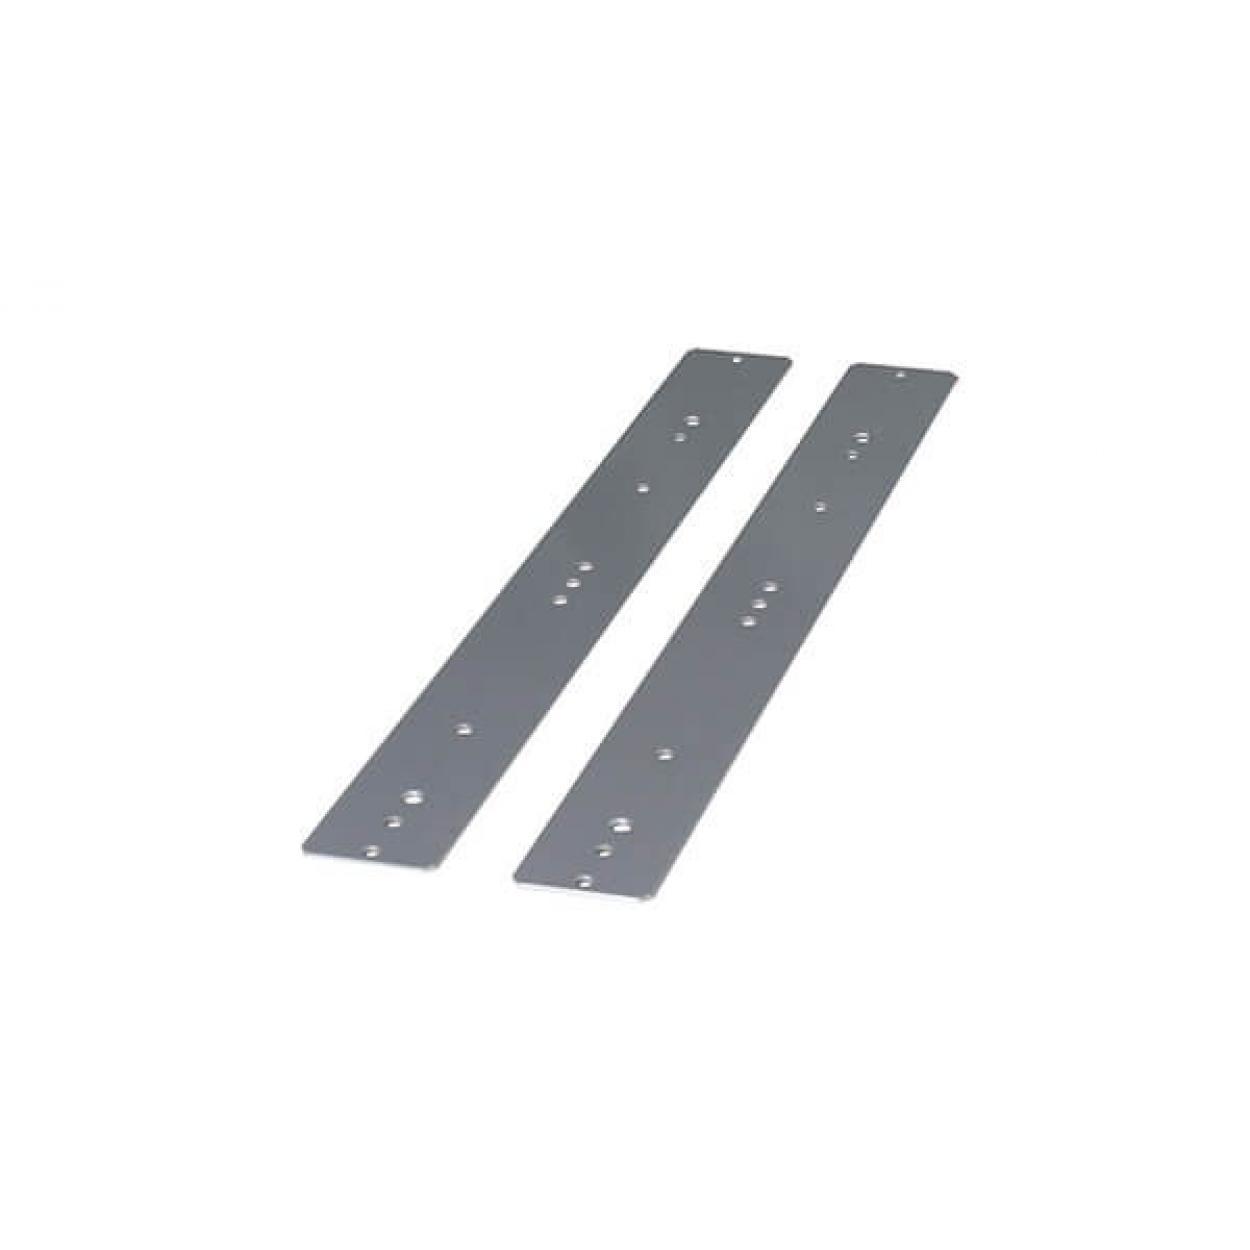 PARTNER Комплект расширителей, 2 мм, 2 шт.